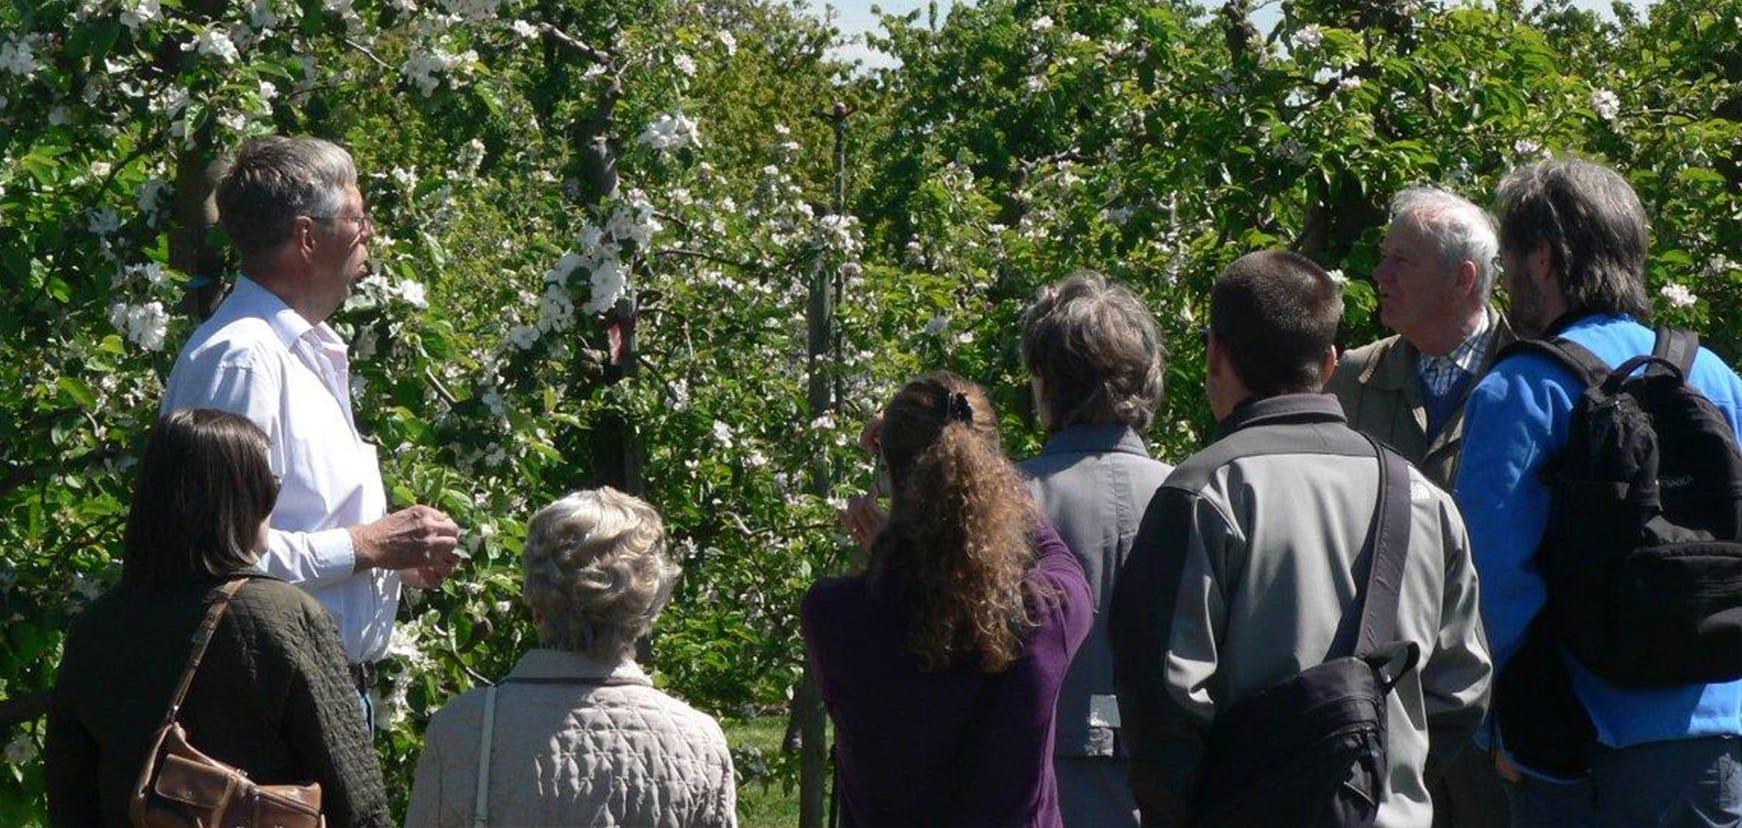 Obsthofführung auf dem Obsthof Bey im Alten Land